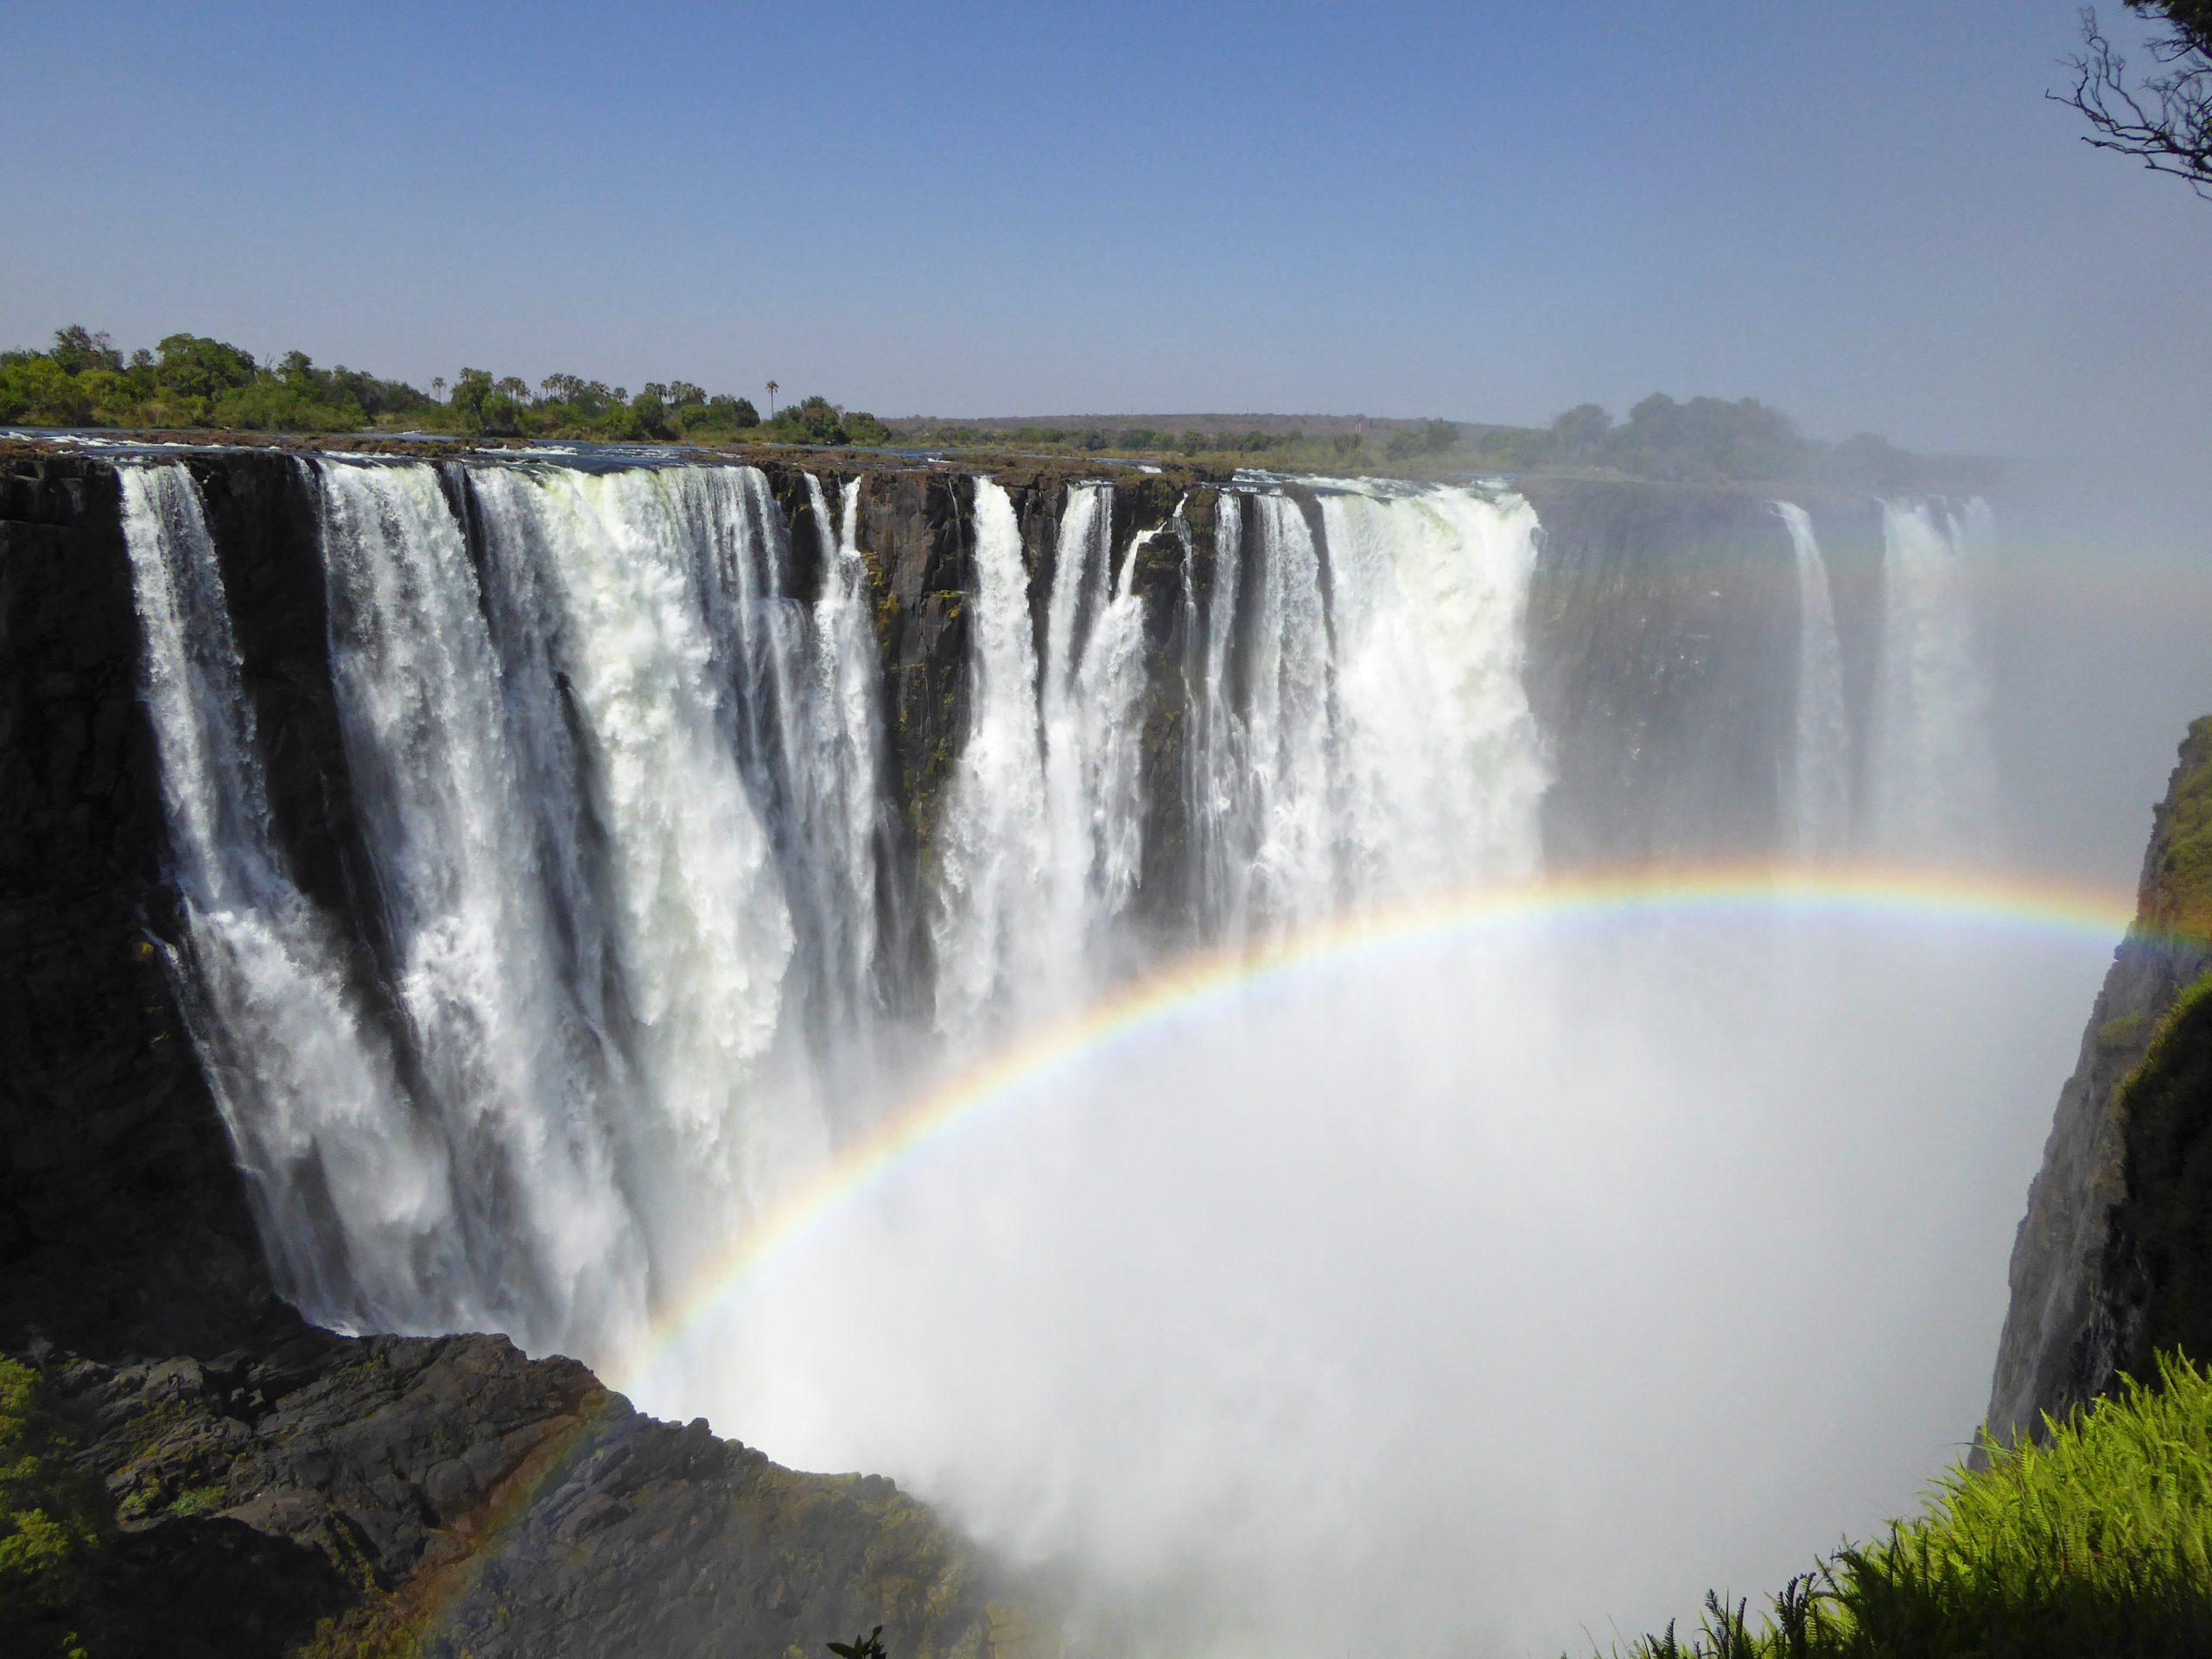 Radreise Afrika 2014 - Victoria Falls - Regenbogen